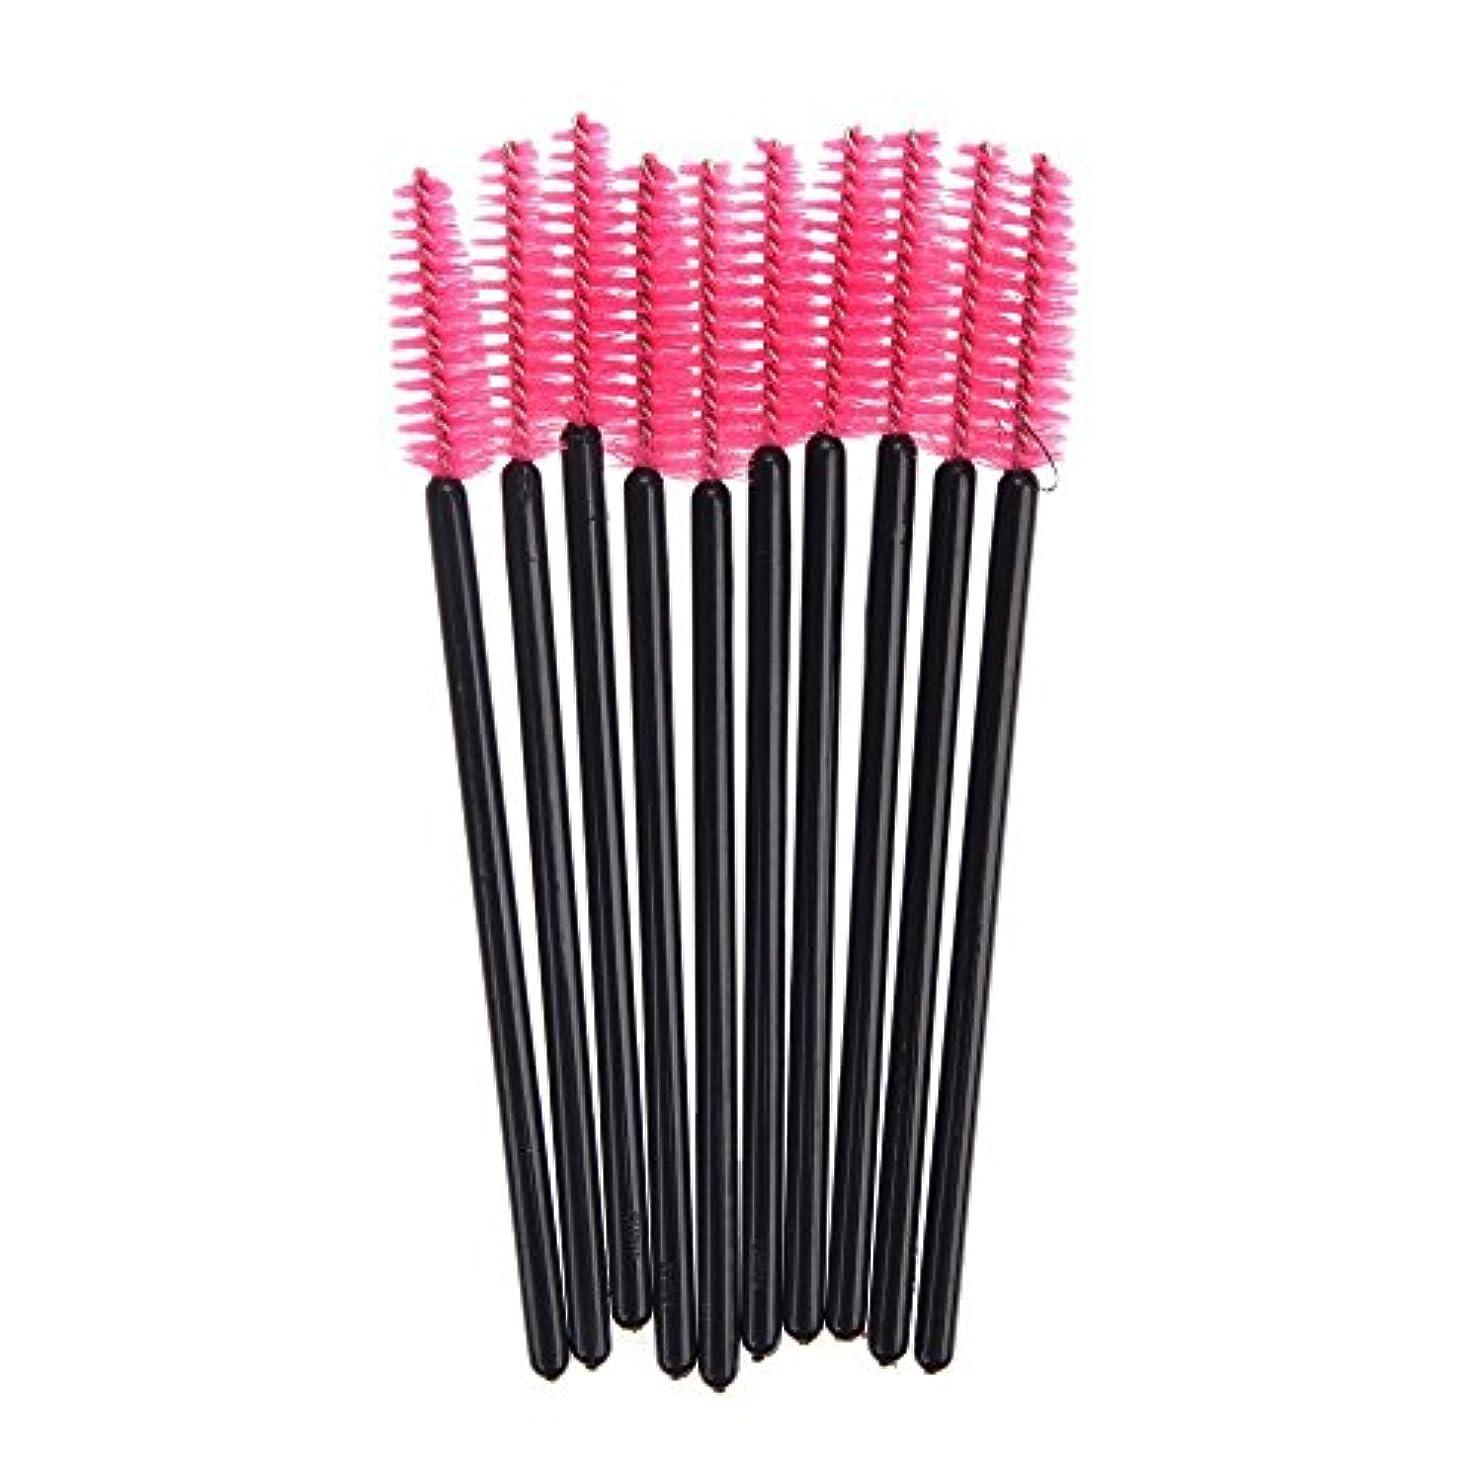 ナチュラル気性に付けるRETYLY 100 使い捨て ミニ アイラッシュブラシ マスカラ 杖 まつげ メイク 高品質 ピンク